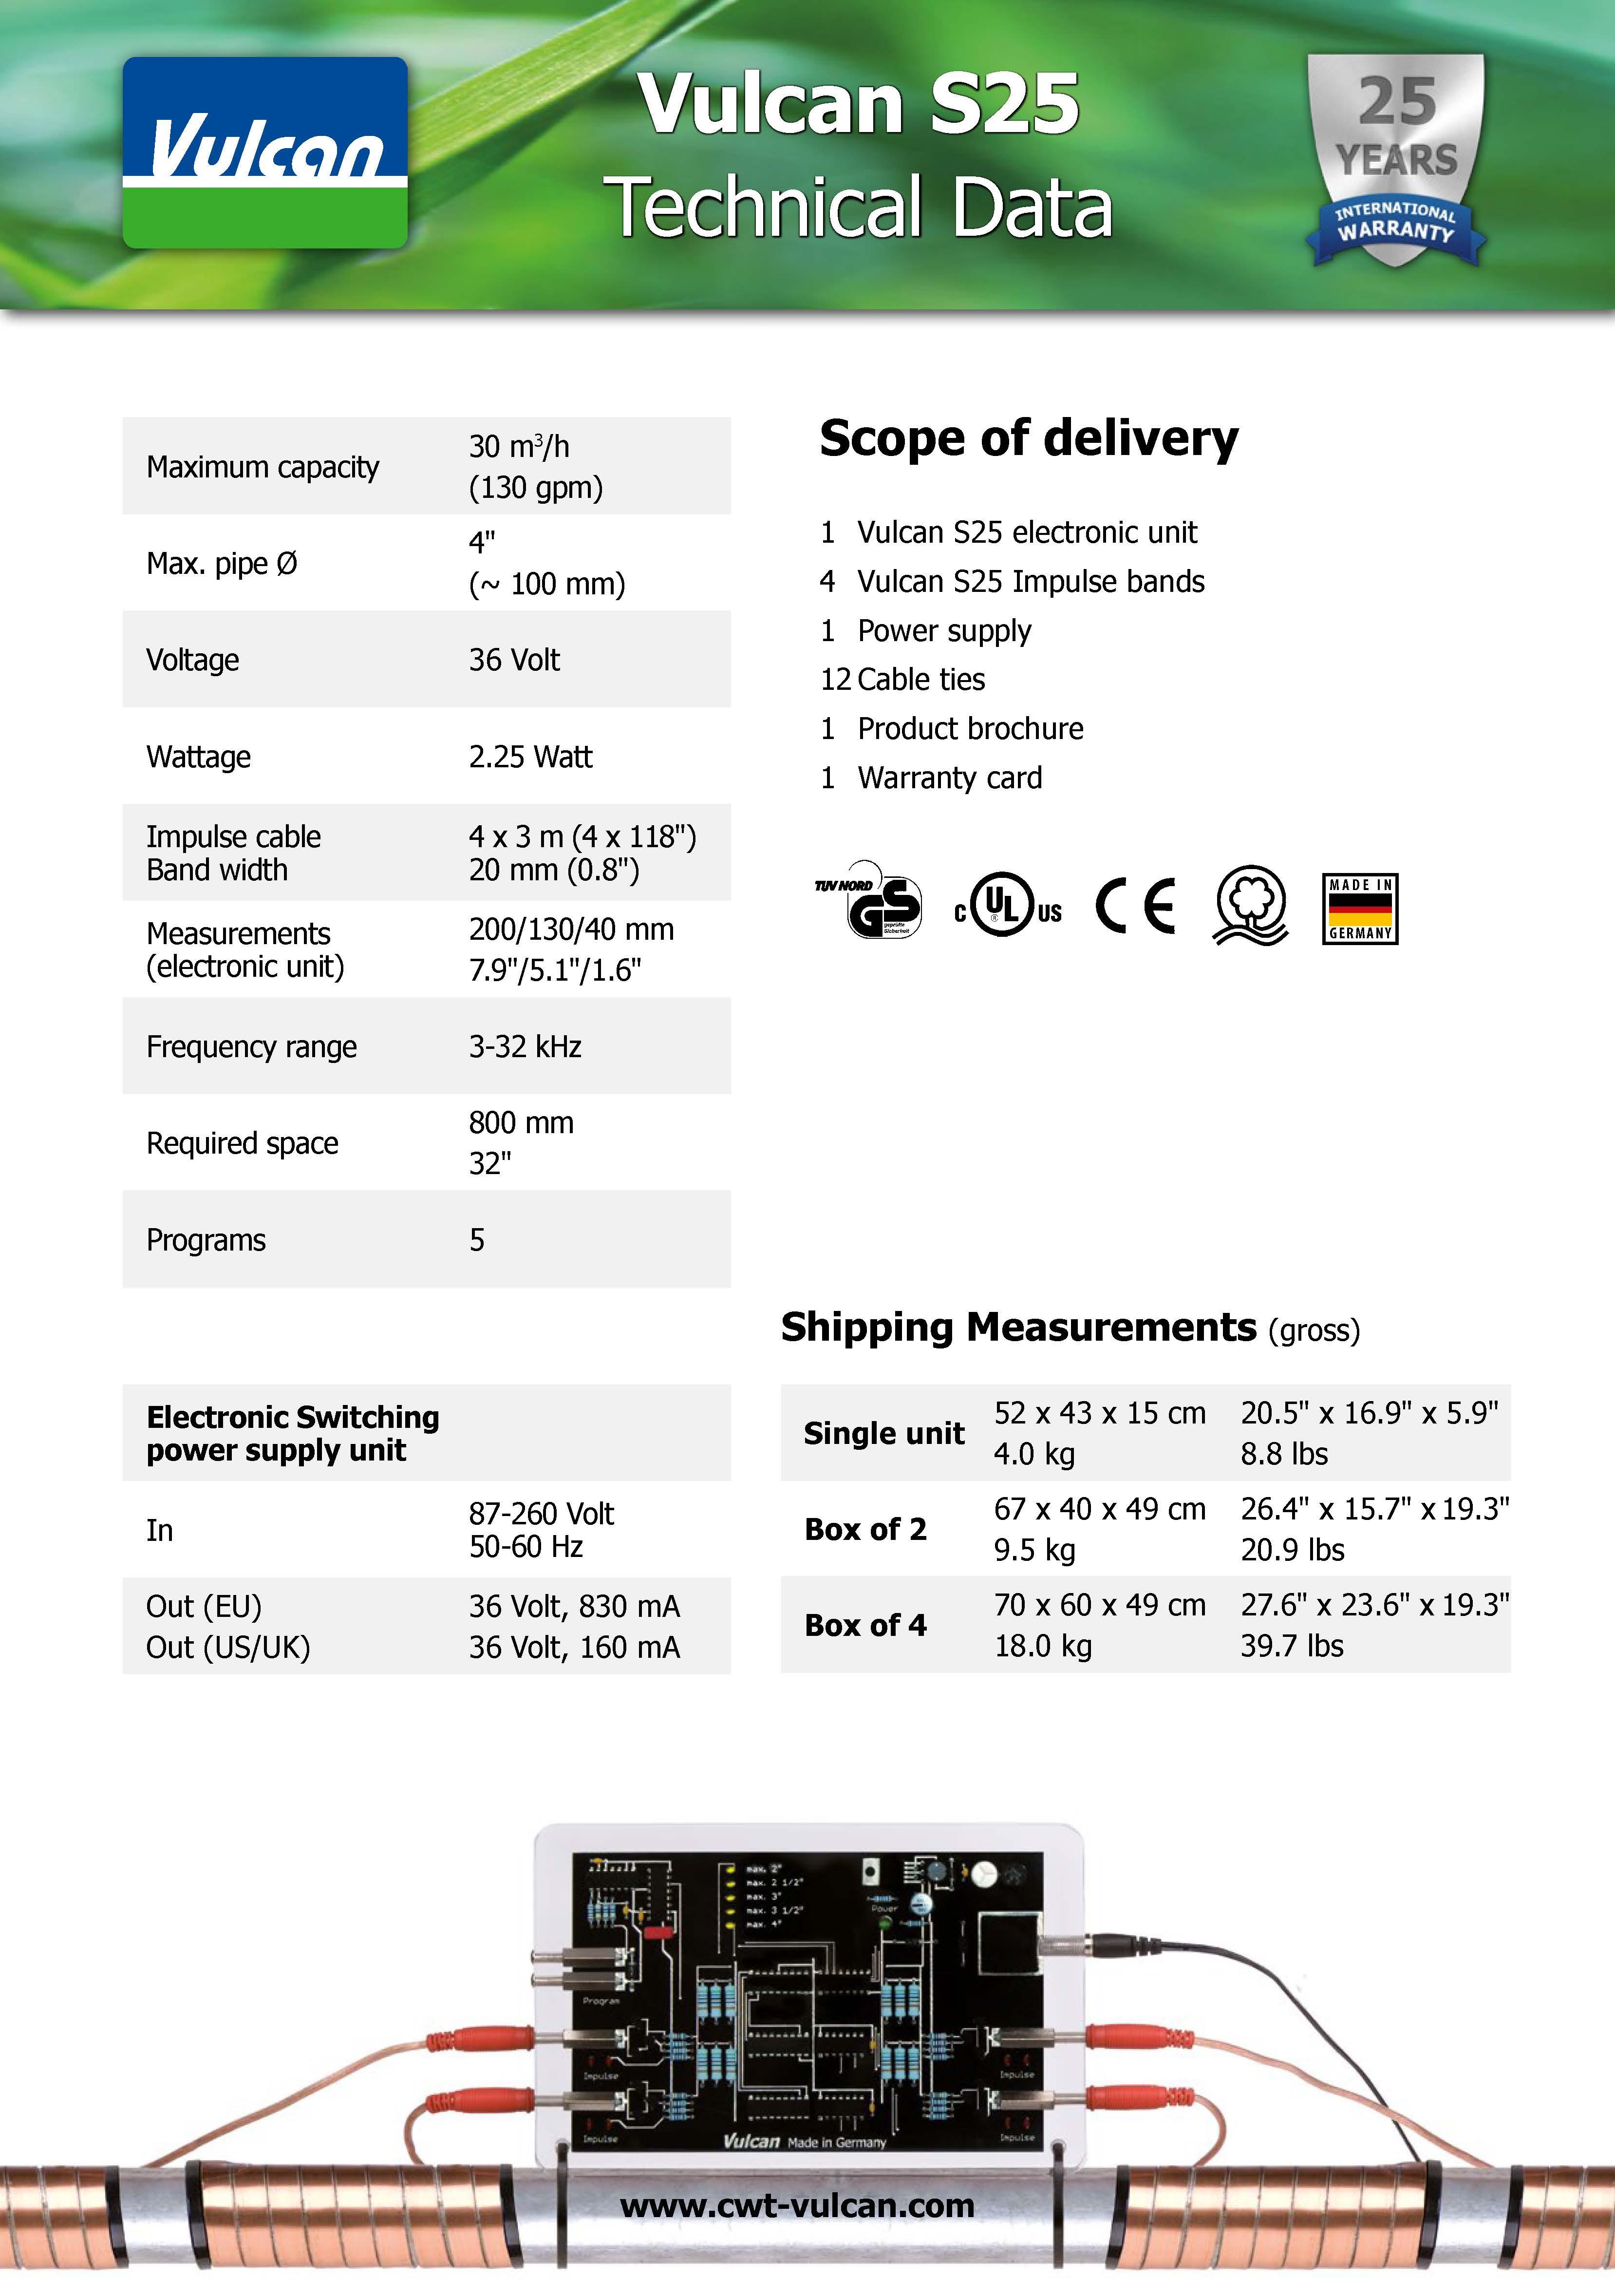 Vulcan Data Sheet